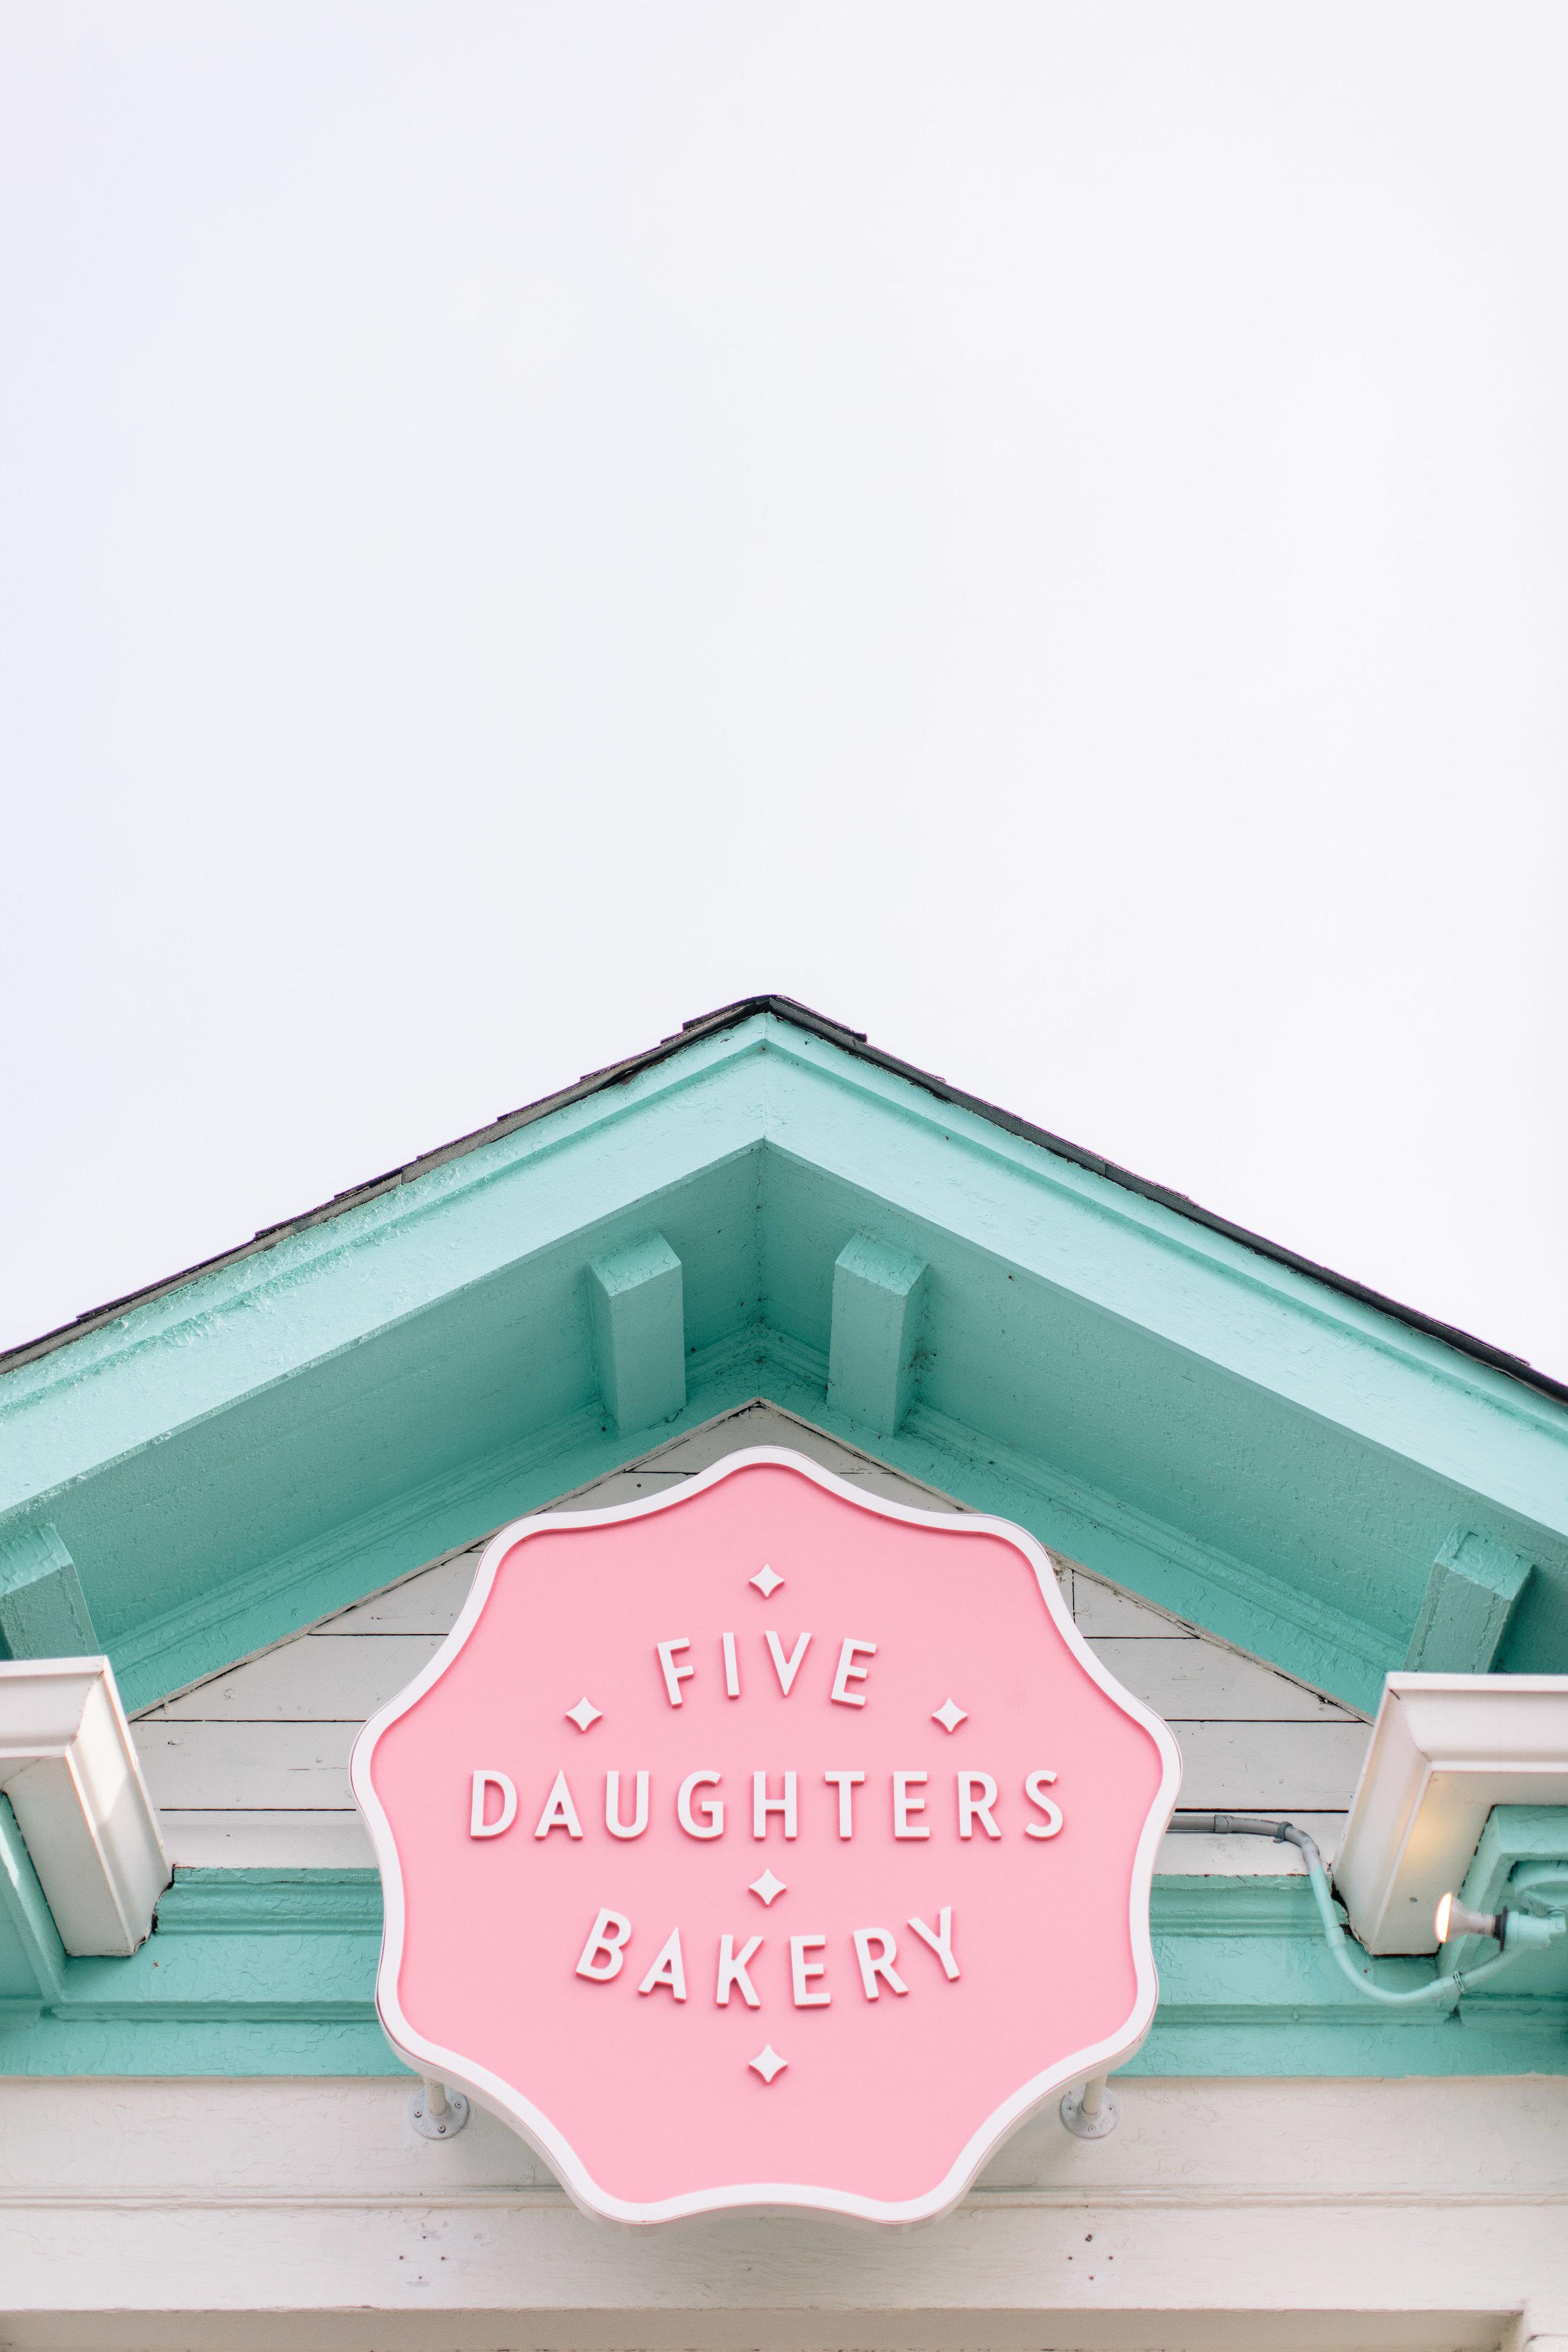 fivedaughters-1.JPG